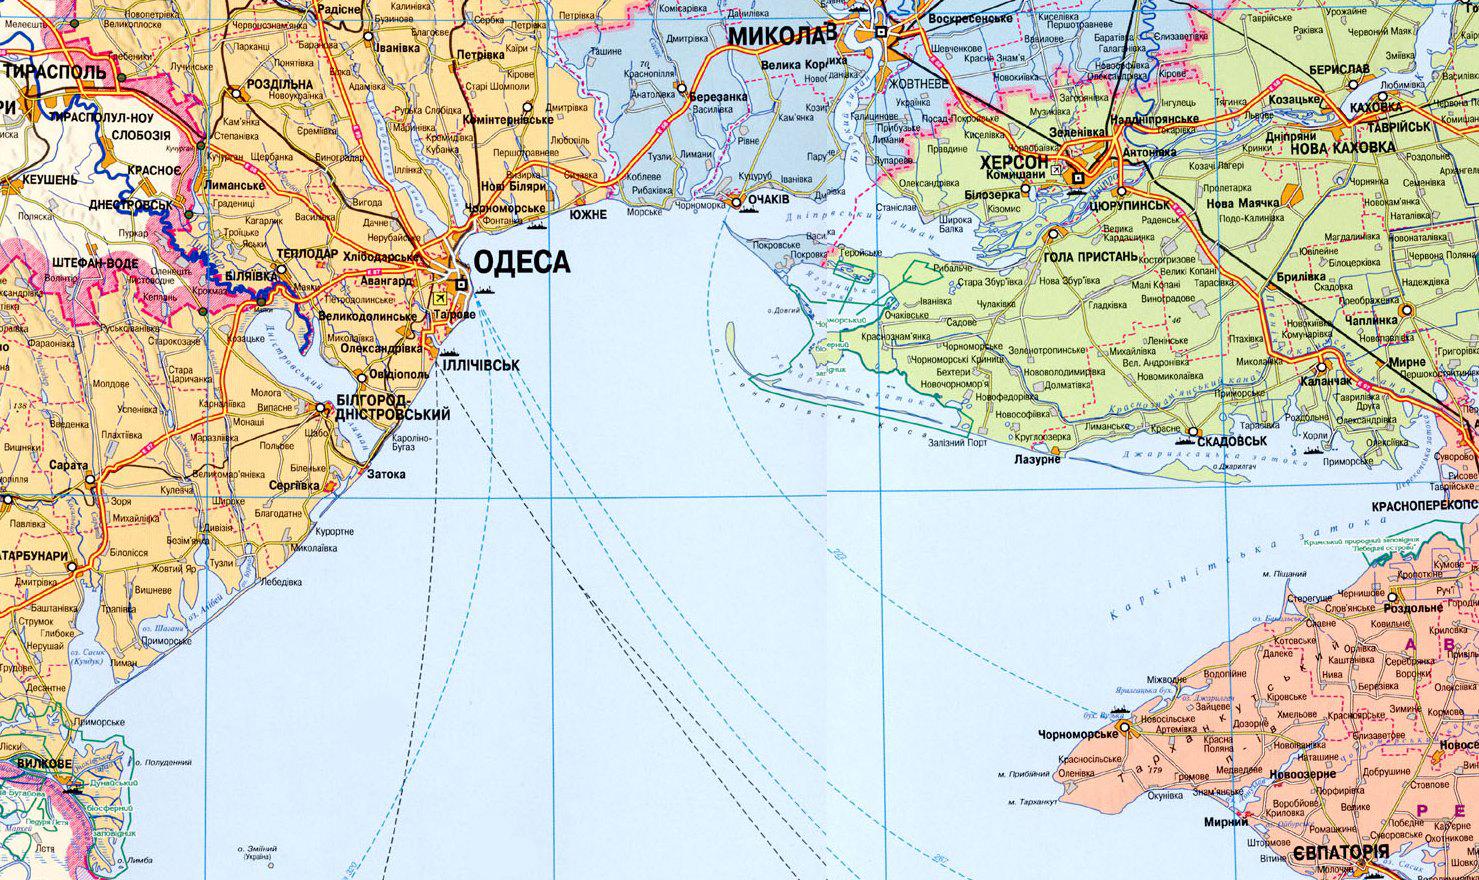 Карты и схемы причерноморья